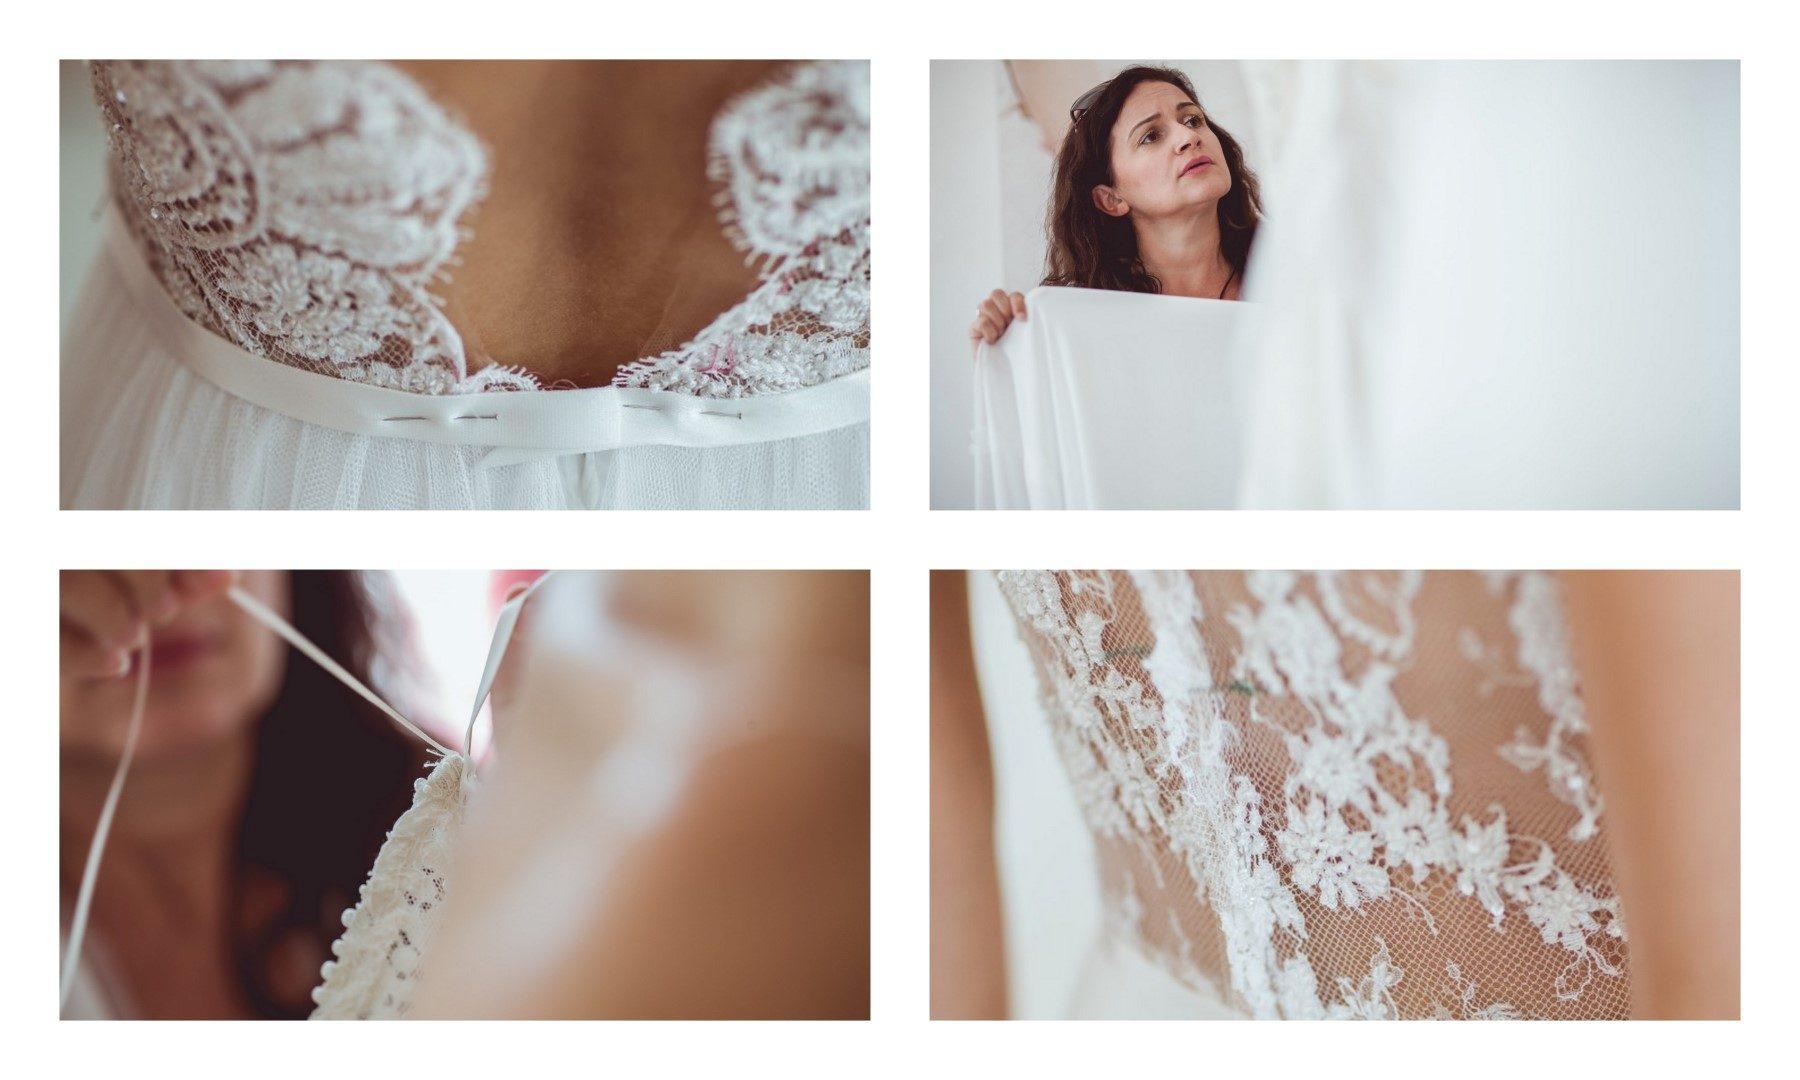 ,Daalarna,fitting,ruhapróba,daalarna kollekció,új kollekció,paradise,magyar tervező,esküvői ruha,